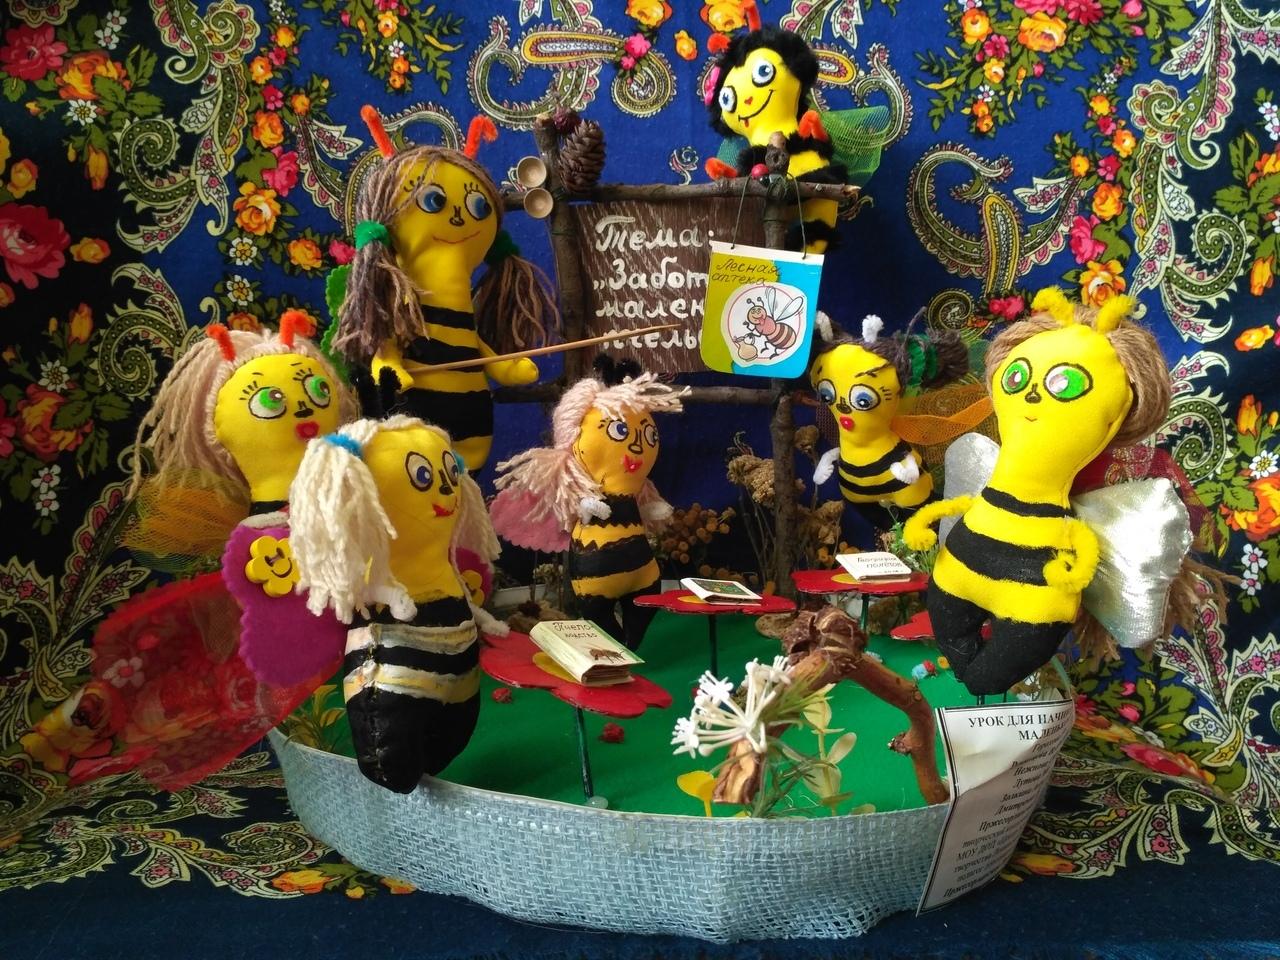 Донецкая республиканская библиотека для детей, Донецкий Республиканский эколого-натуралистический центр, Золотая пчёлка, Международный день защиты пчёл